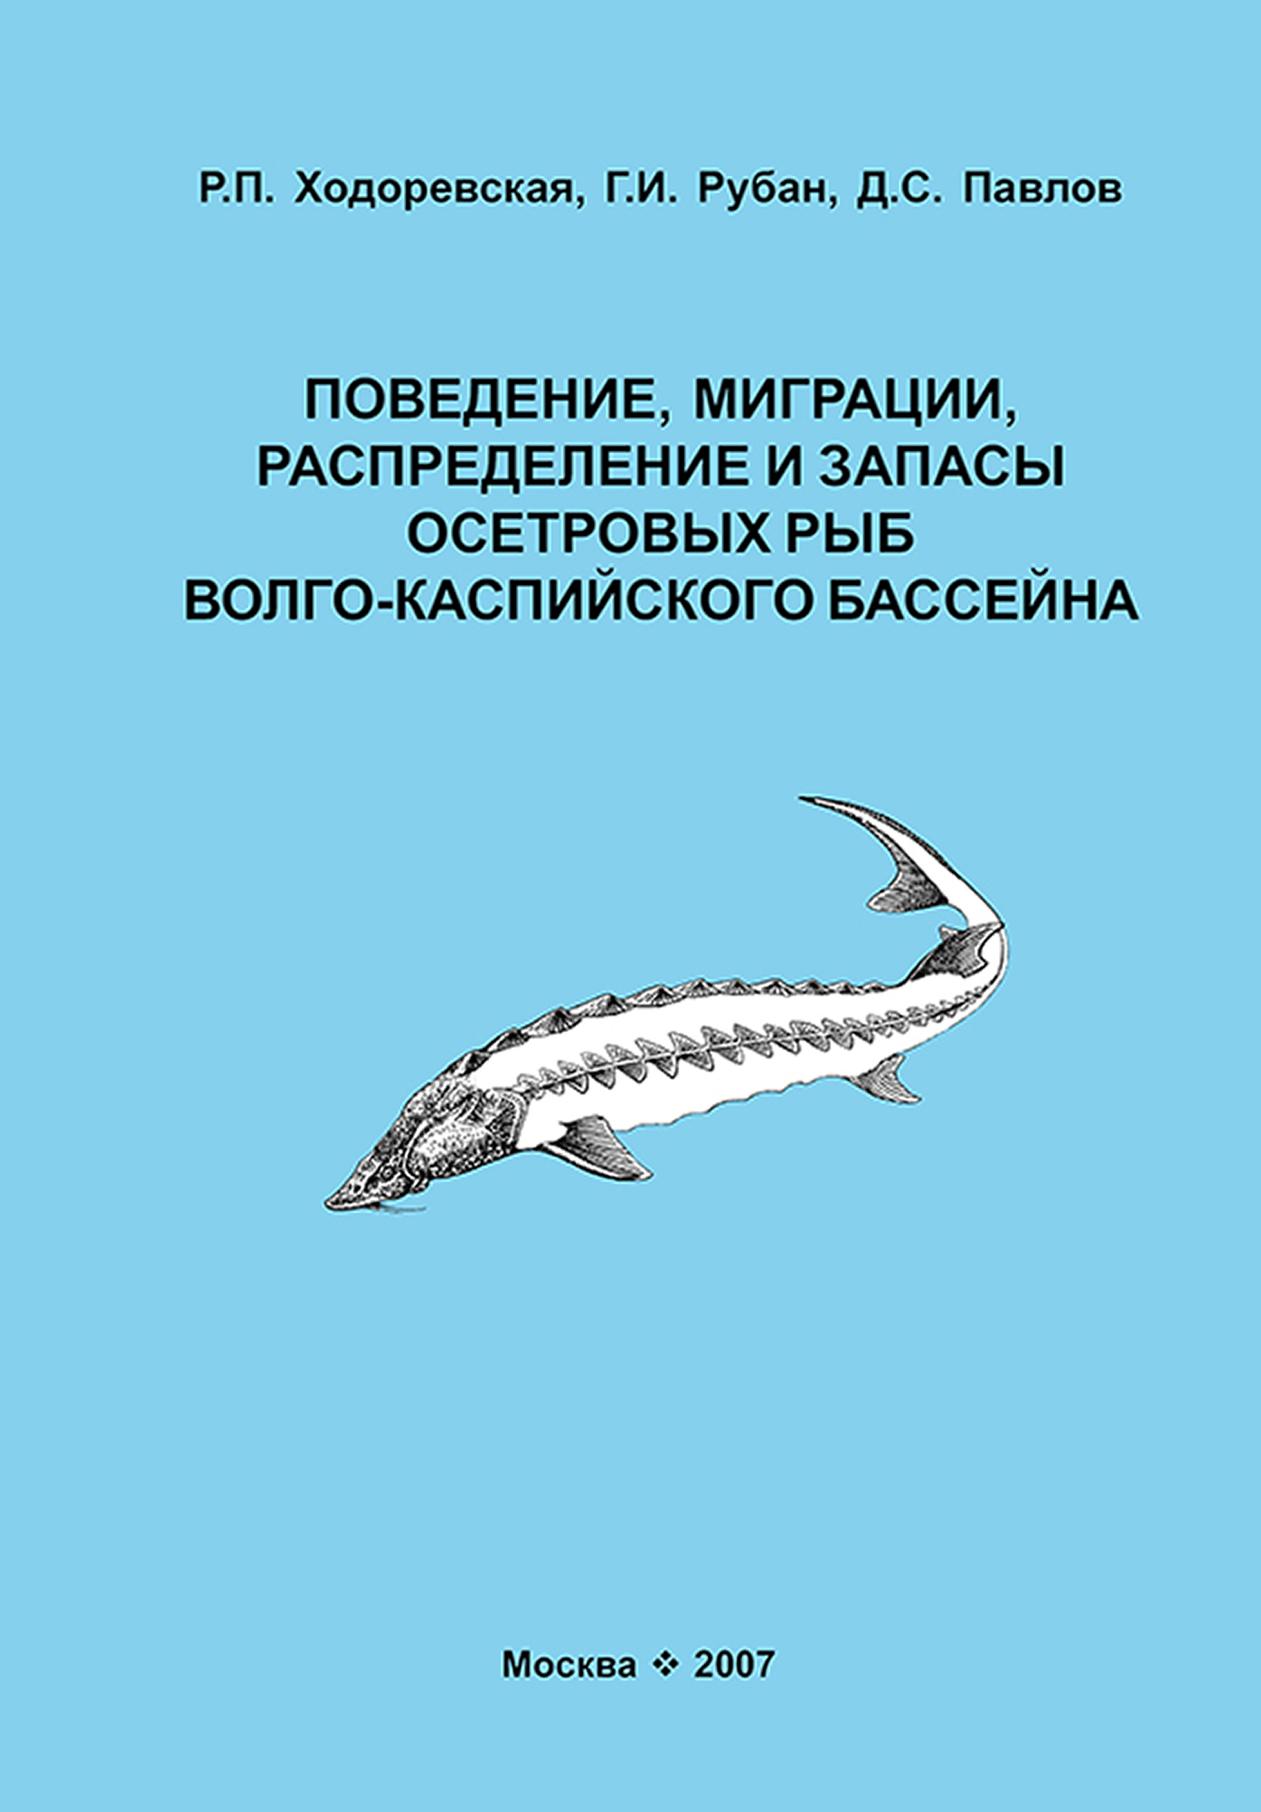 Д. С. Павлов Поведение, миграции, распределение и запасы осетровых рыб Волго-Каспийского бассейна литогенез и нефтегазогенерация в каспийском регионе